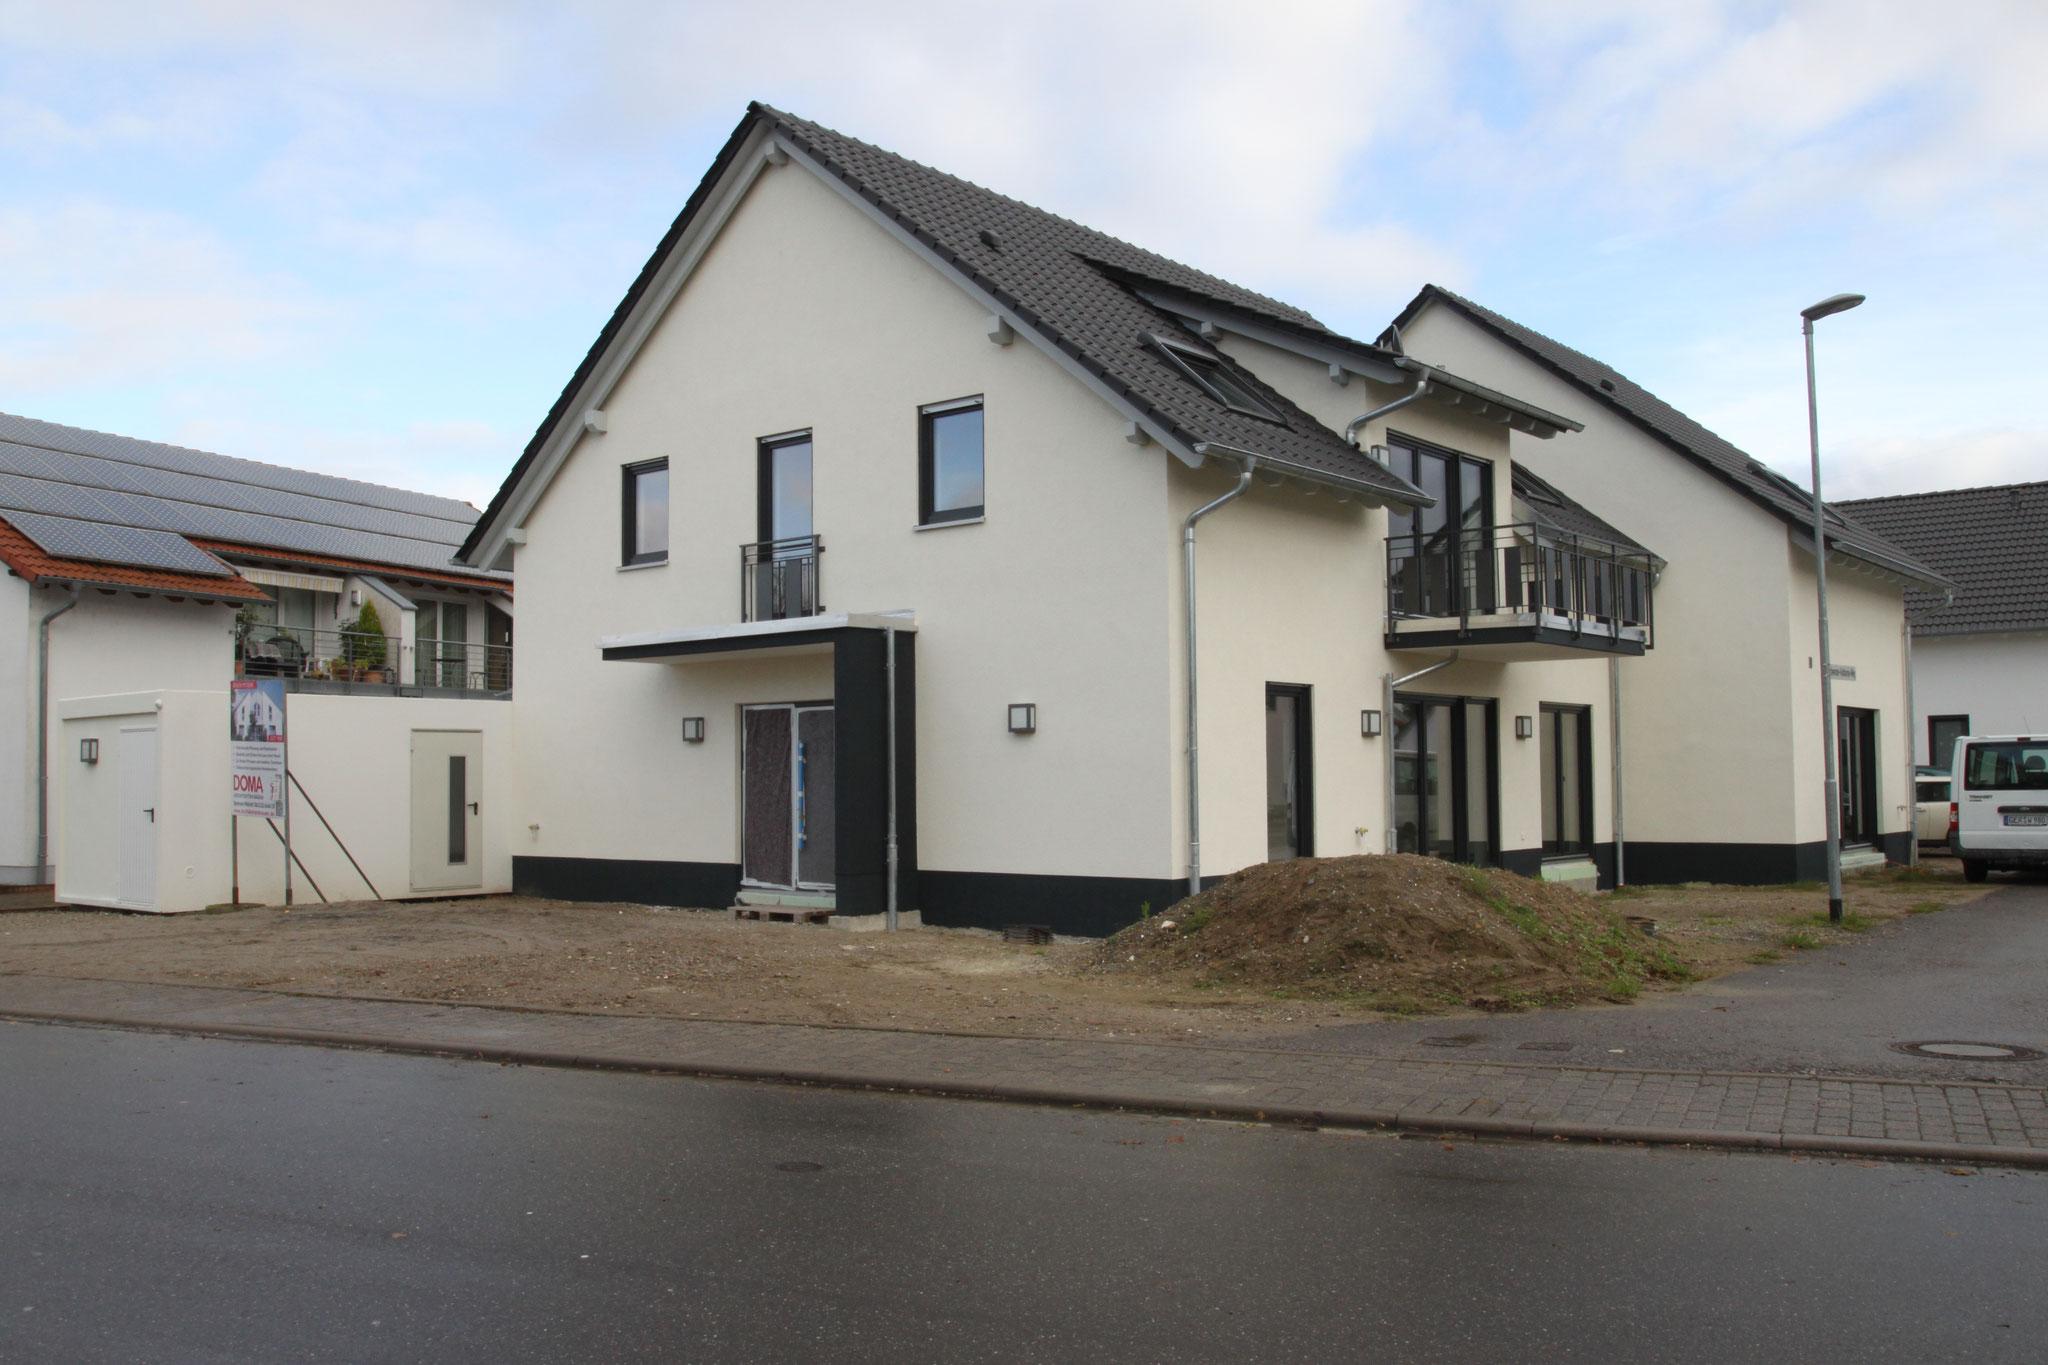 2-Familienhaus mit Kanzlei in Rülzheim 2019